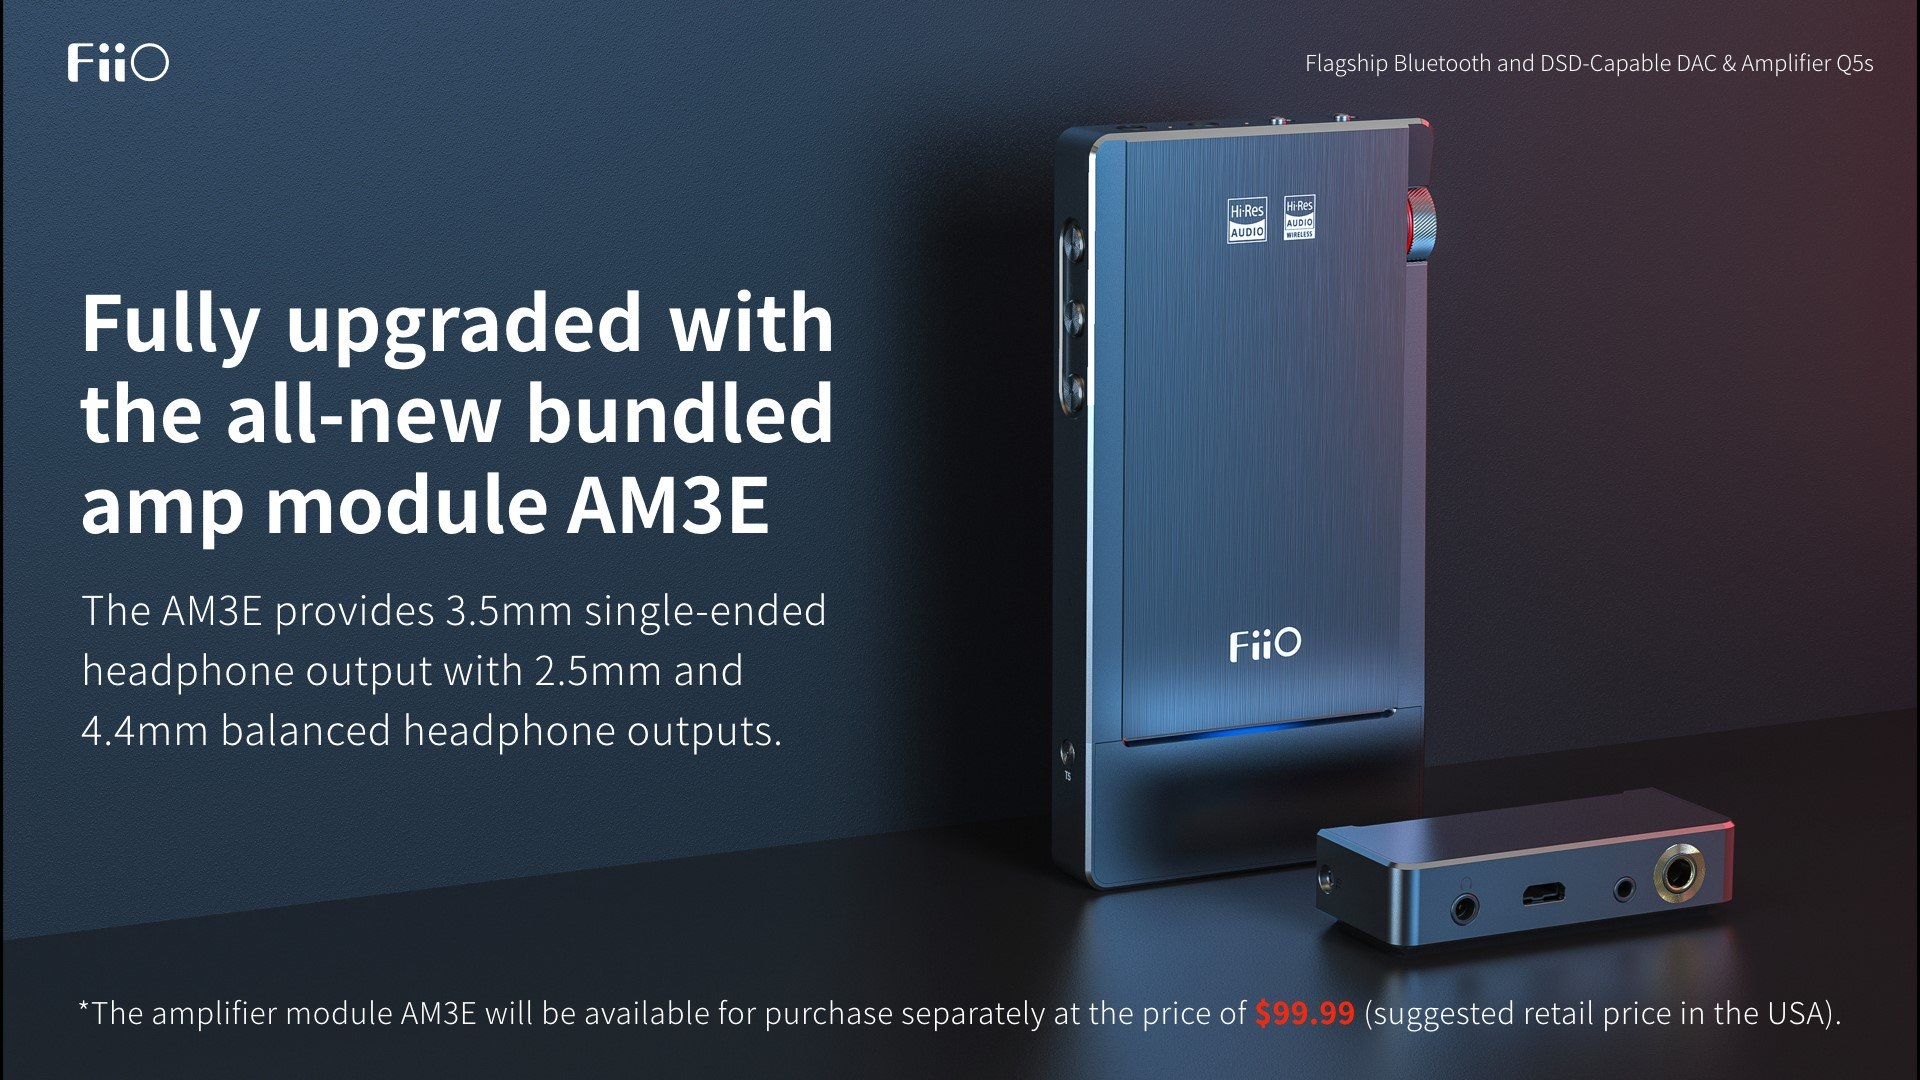 FiiO Q5s: Phiên bản nâng cấp đáng giá với Dual DAC AKM4493, module AM3E, giá không đổi 350$